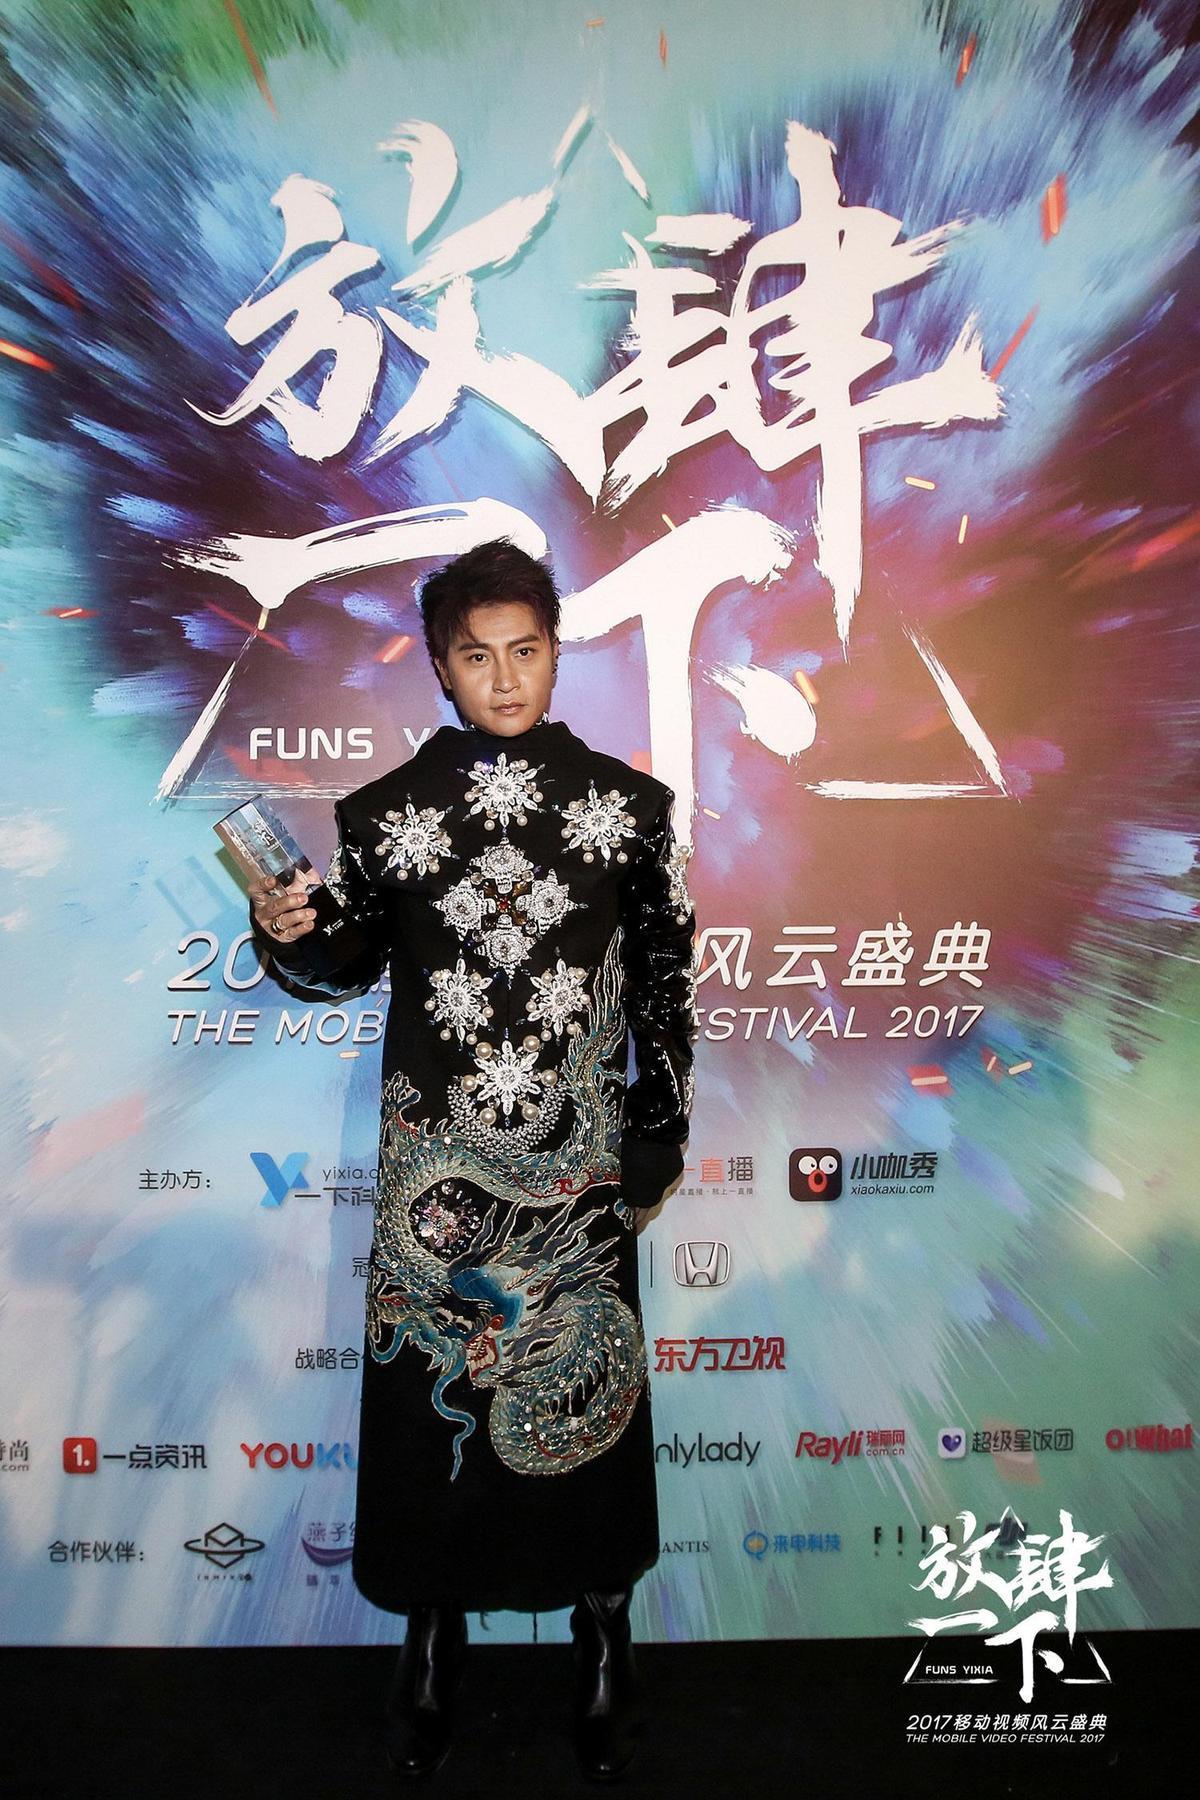 陳志朋參加頒獎典禮連換兩套衣服,爽拿「年度公益星榜樣」表彰他的熱心公益。(誠利千代提供)